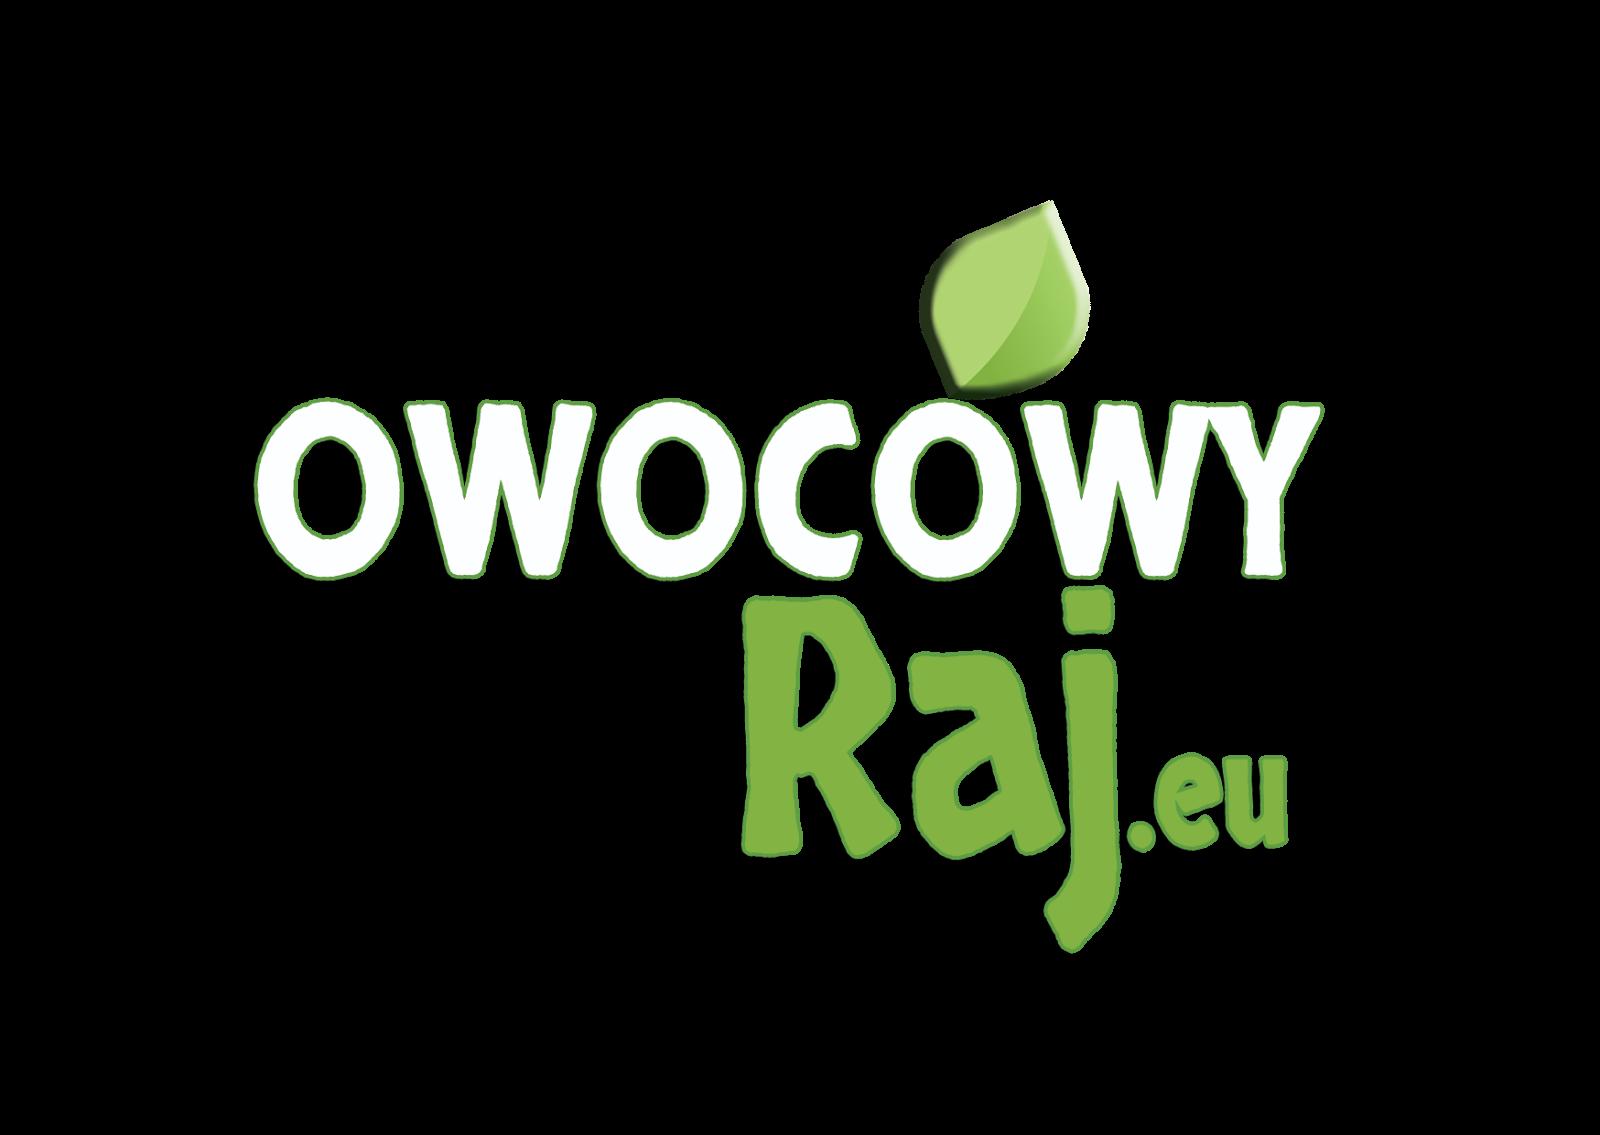 www.owocowyraj.eu?code=FOODMANIA10